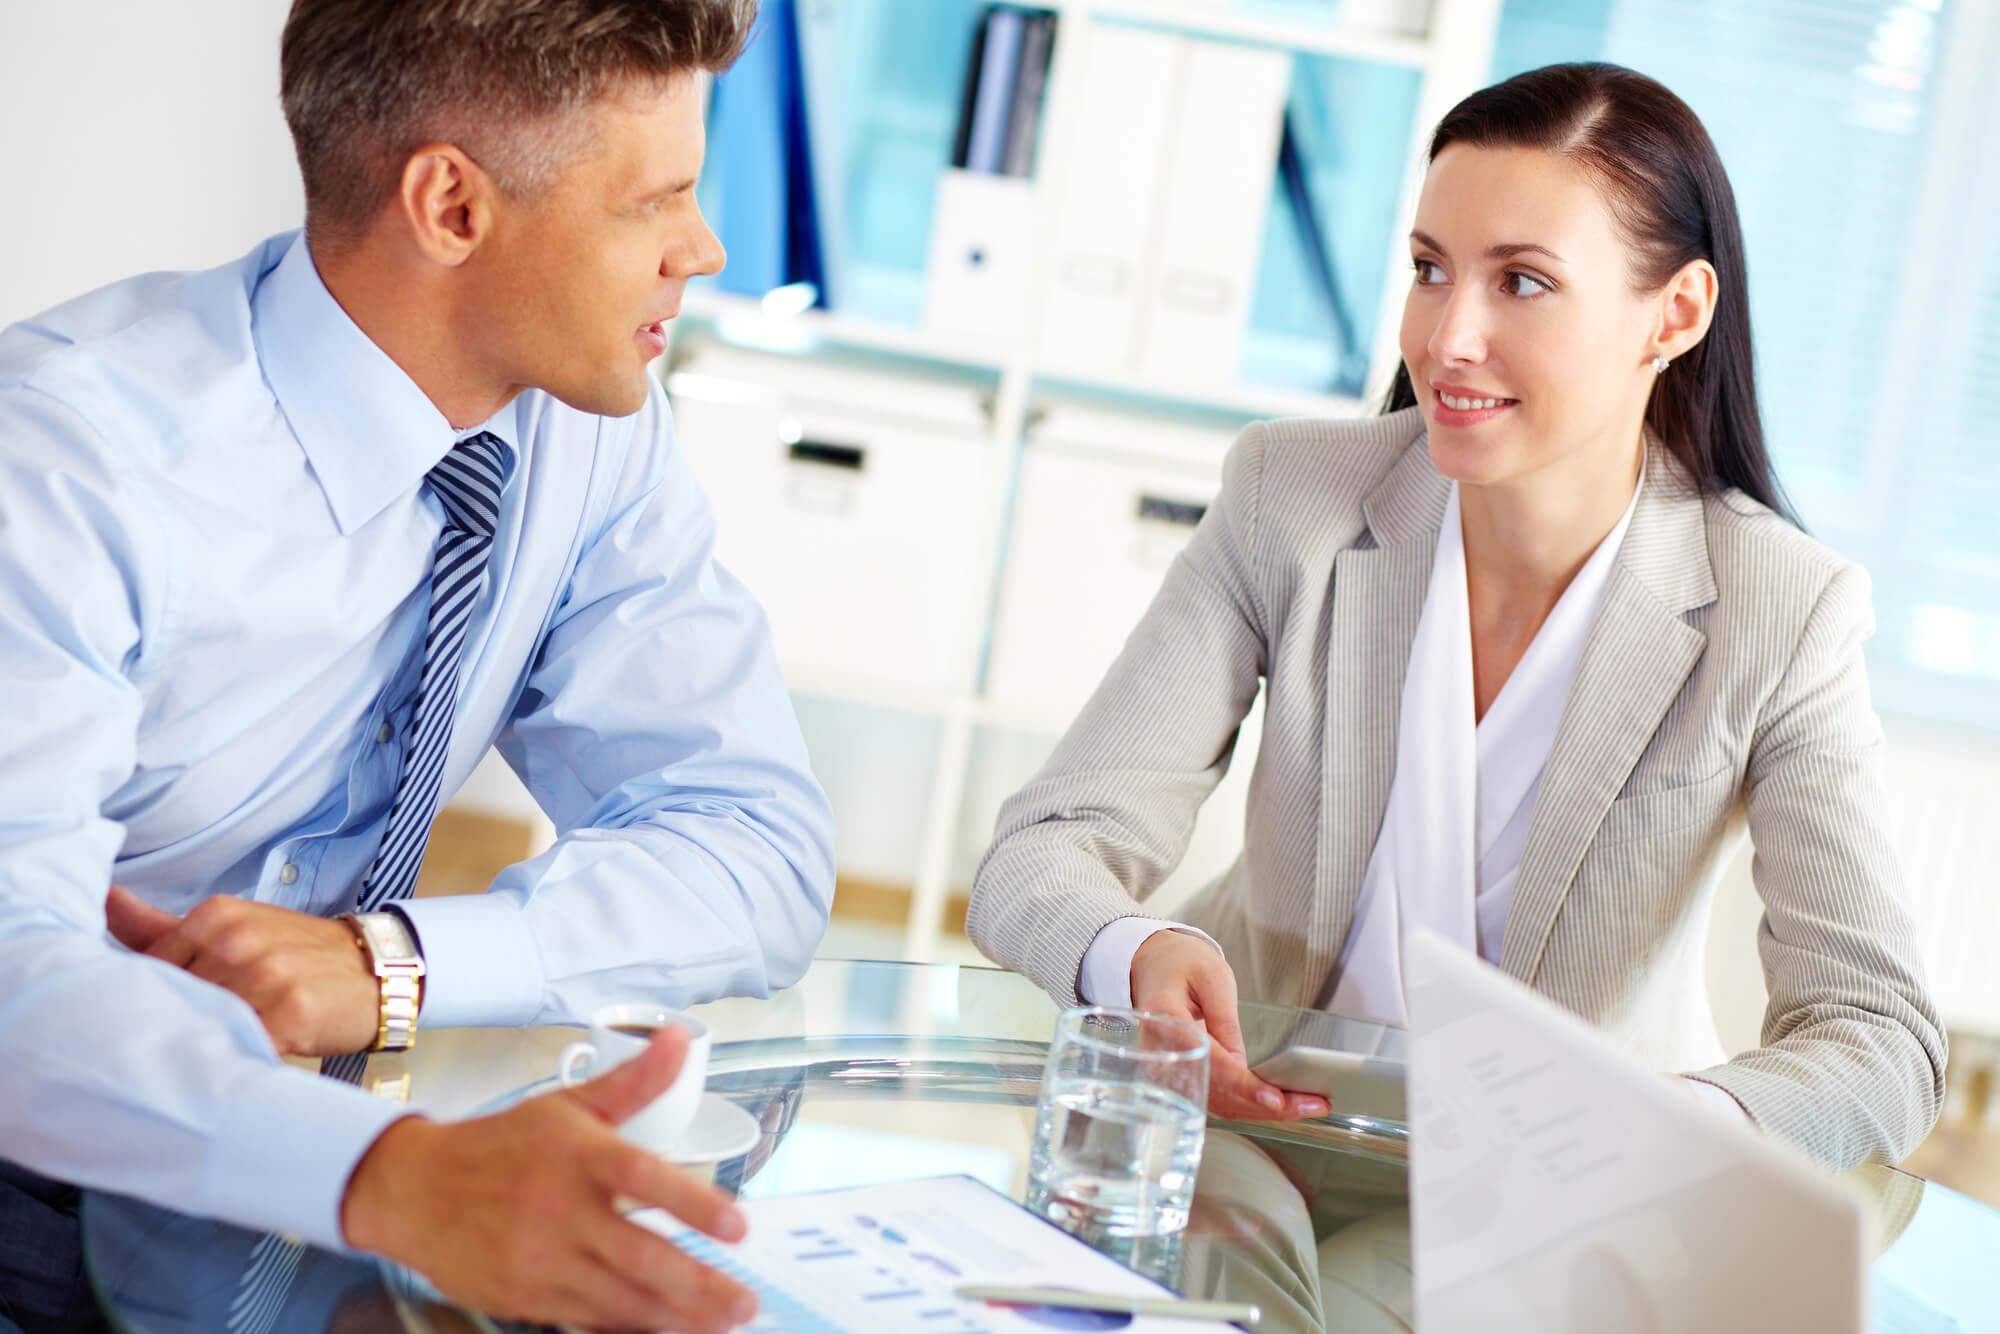 Descubra agora a importância de assessoria jurídica para seu negócio!